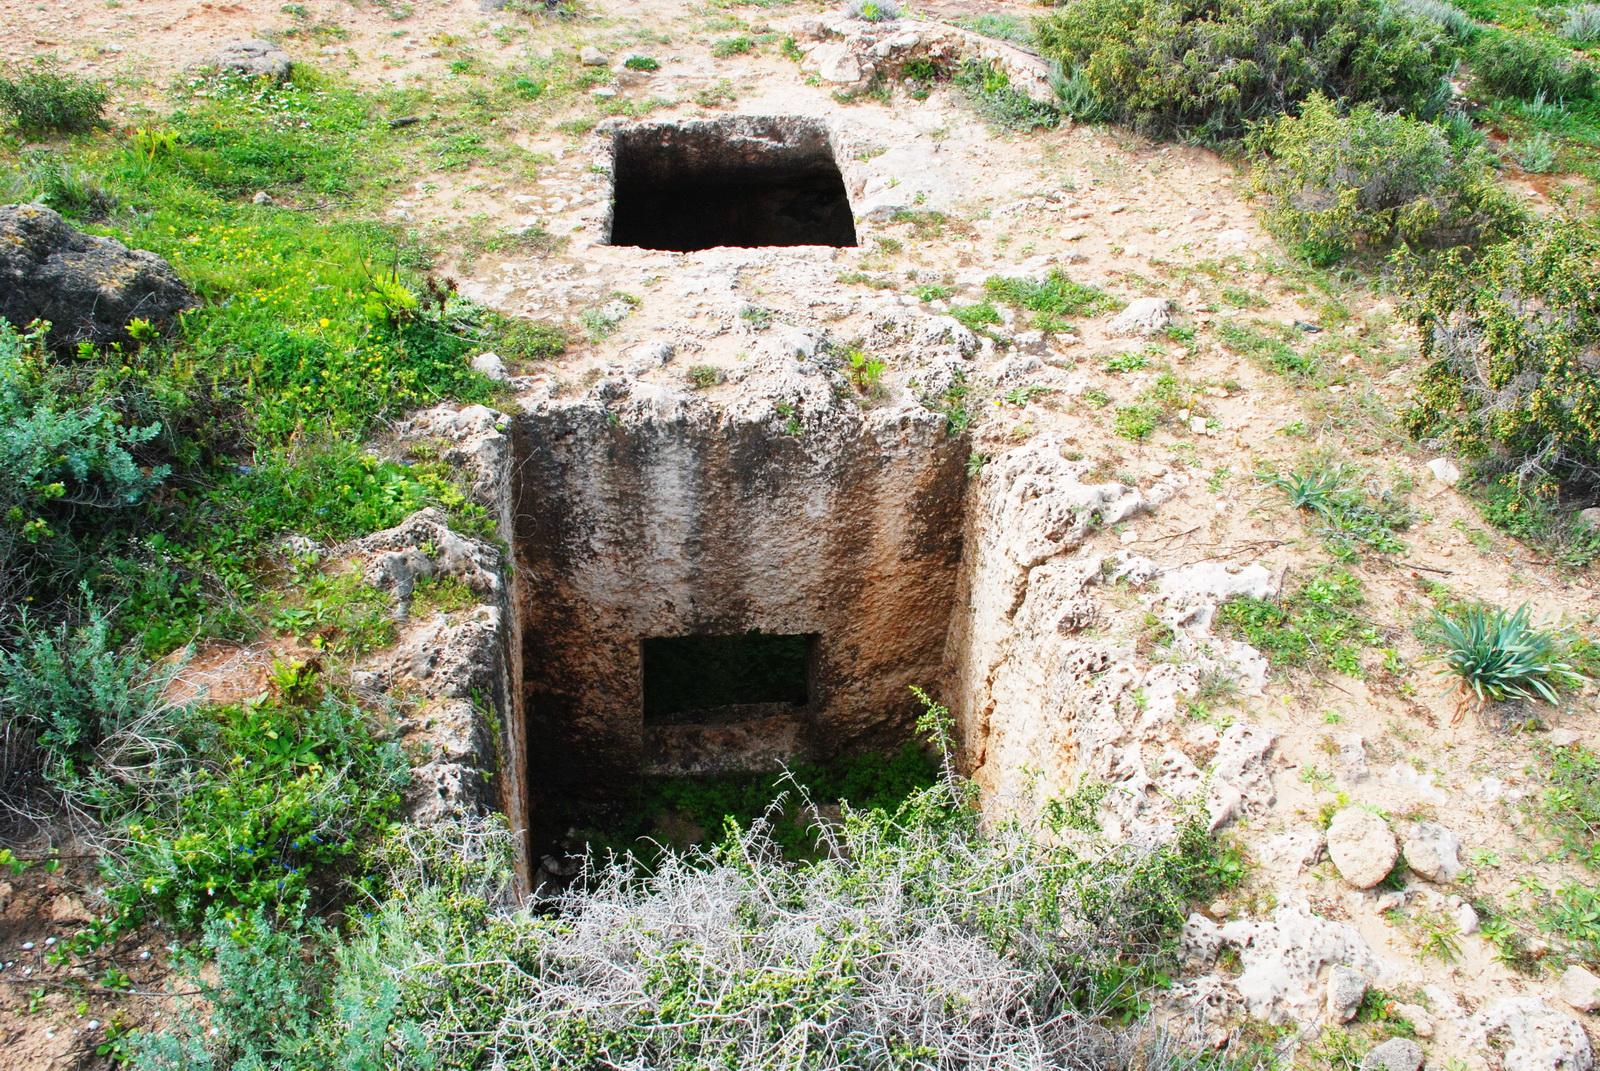 גליל מערבי - חוף אכזיב - קברים פיניקיים מן המאות ה 18 - 19 לפני הספ'